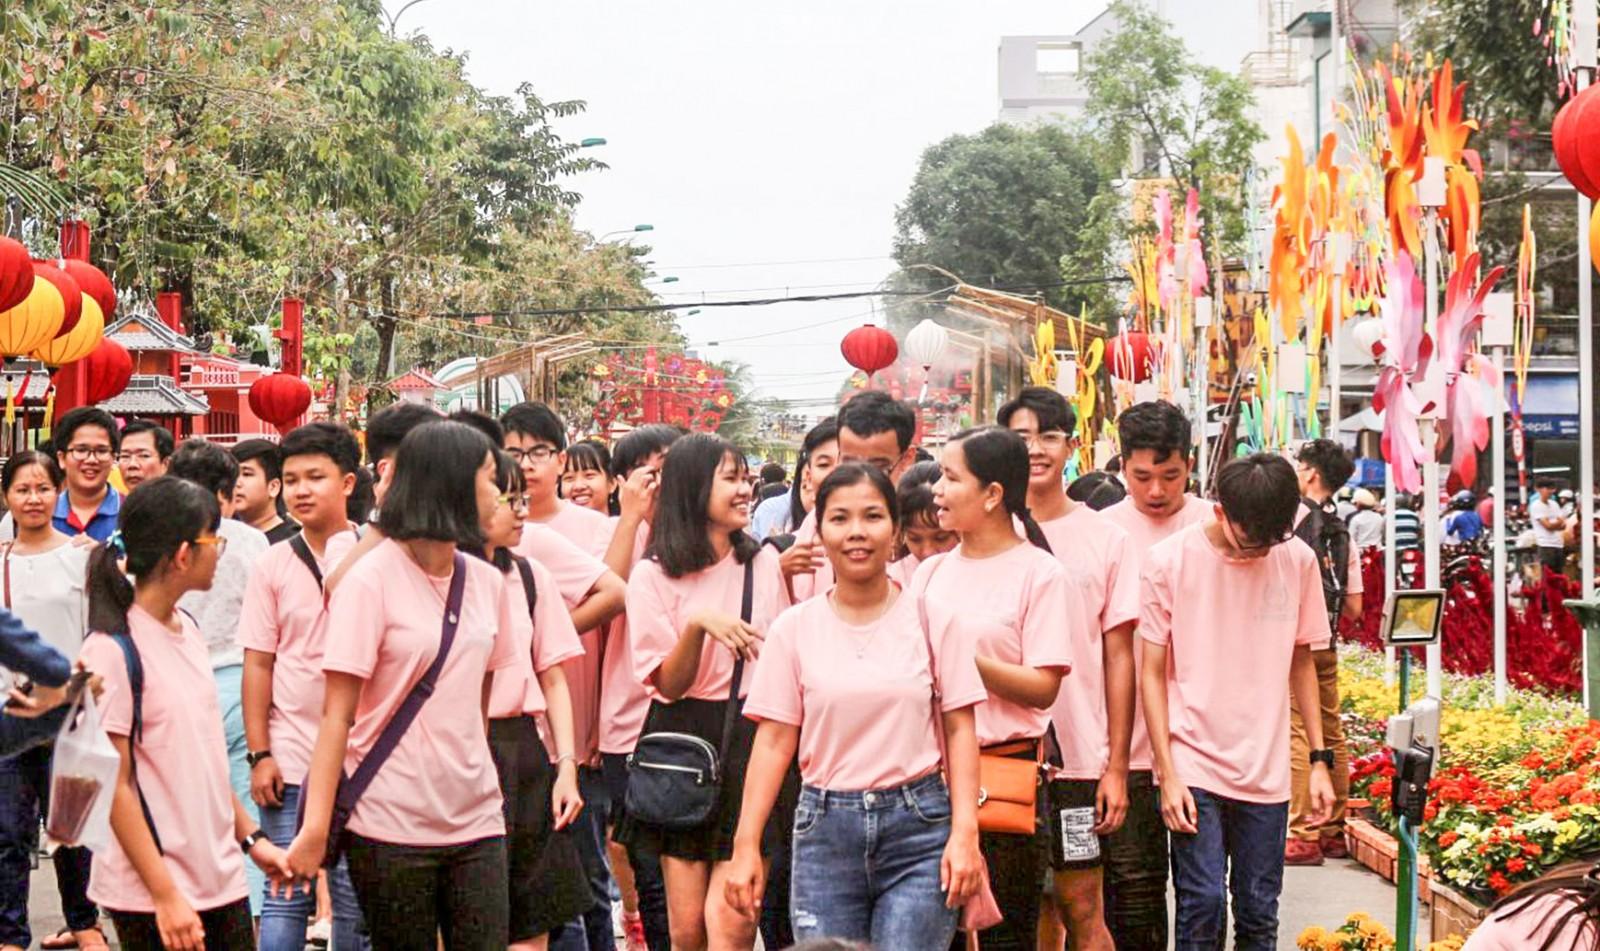 Đường hoa thu hút đông đảo du khách đến tham quan và chụp ảnh. Ảnh: ÁI LAM